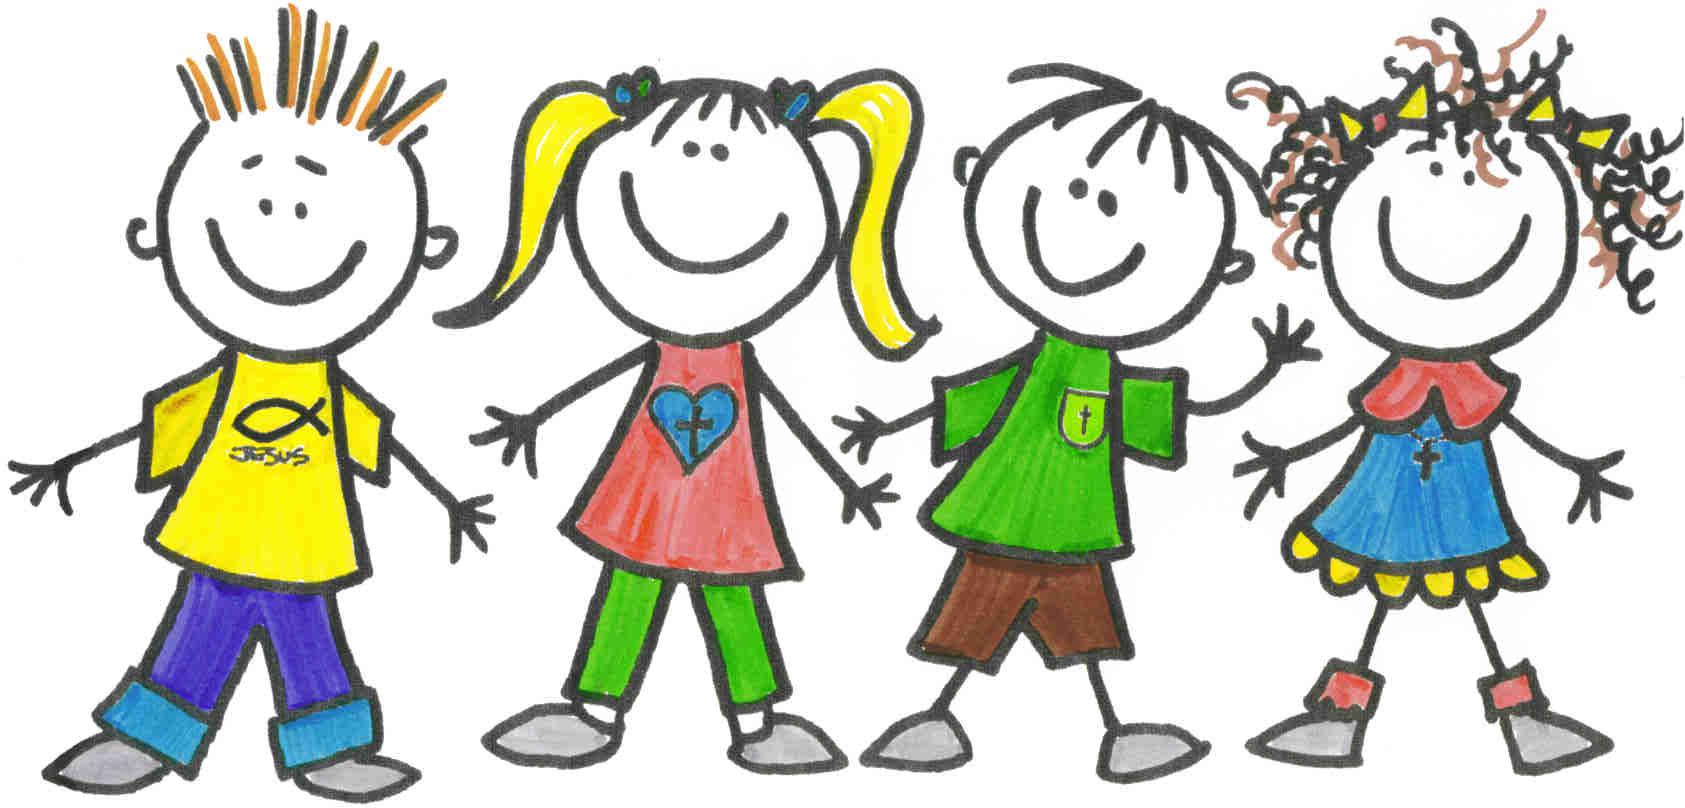 preschoolplayschool youghal - Pictures For Preschool